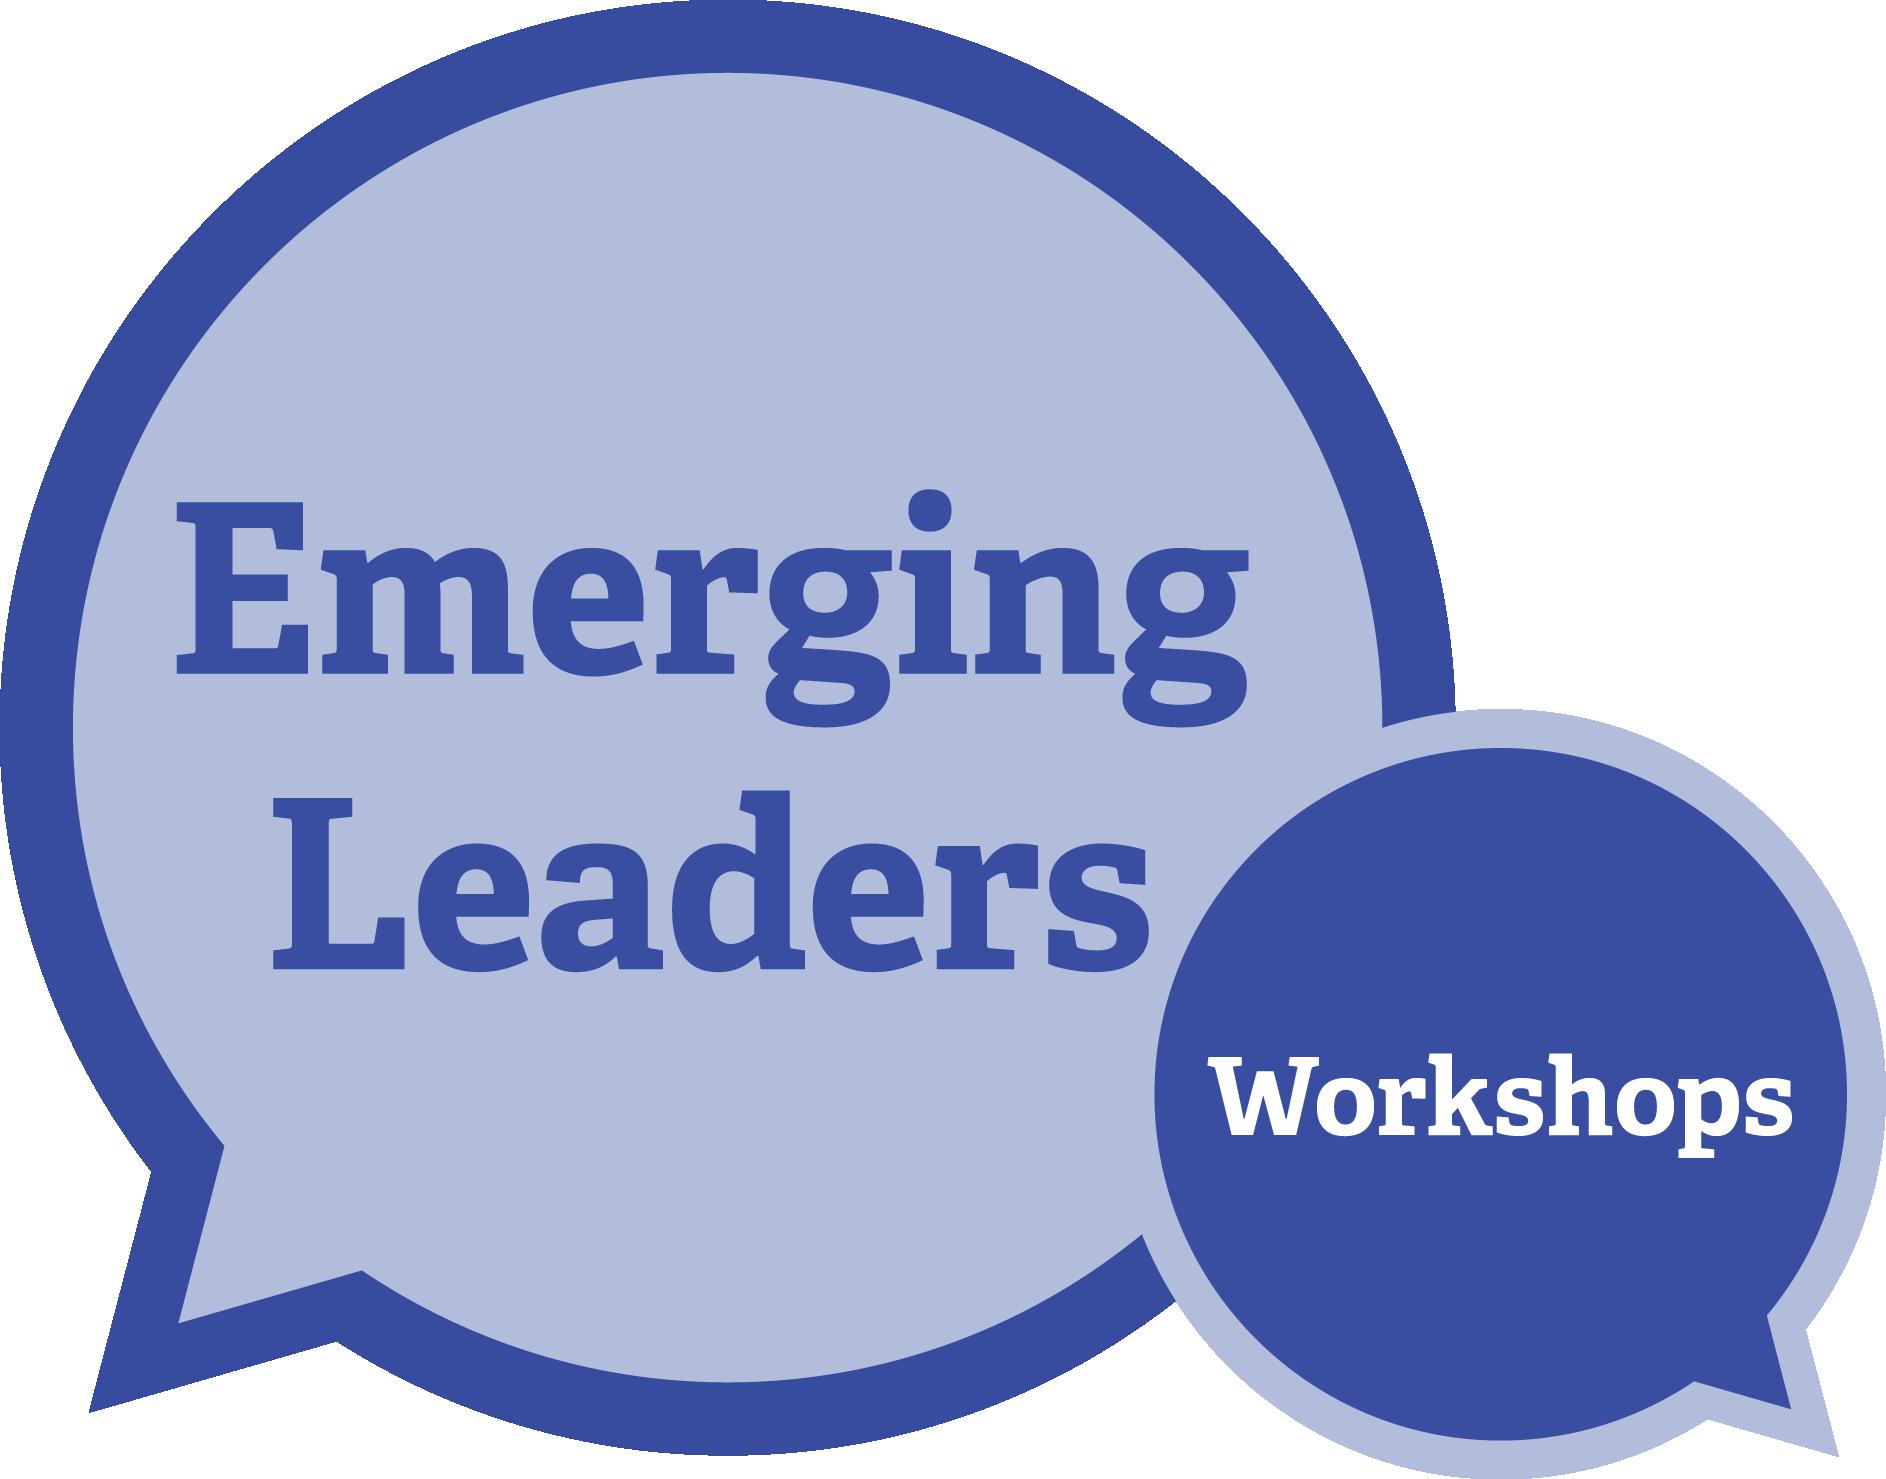 Emerging Leaders workshops